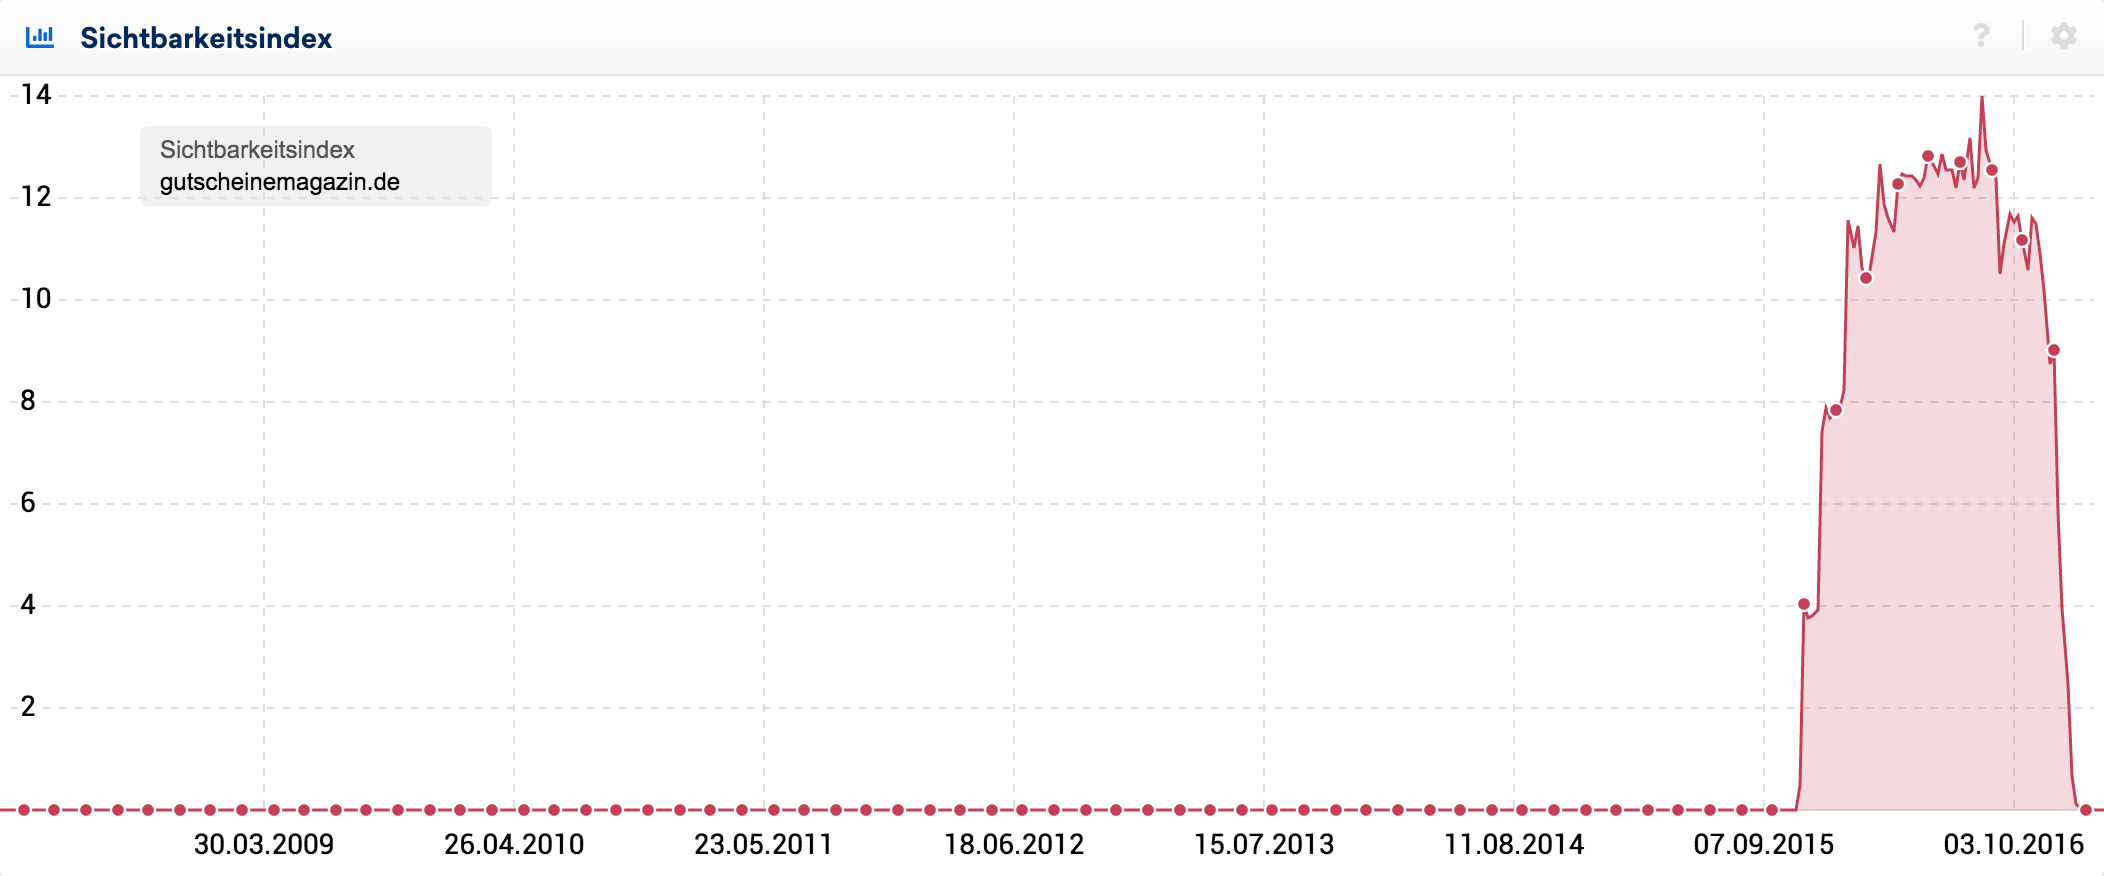 Bei gutscheinemagazin.de folgte (vermutlich wegen Link-Spam) nach einem steilen Anstieg 2015 ein ebenso steiler Abstieg 2016.